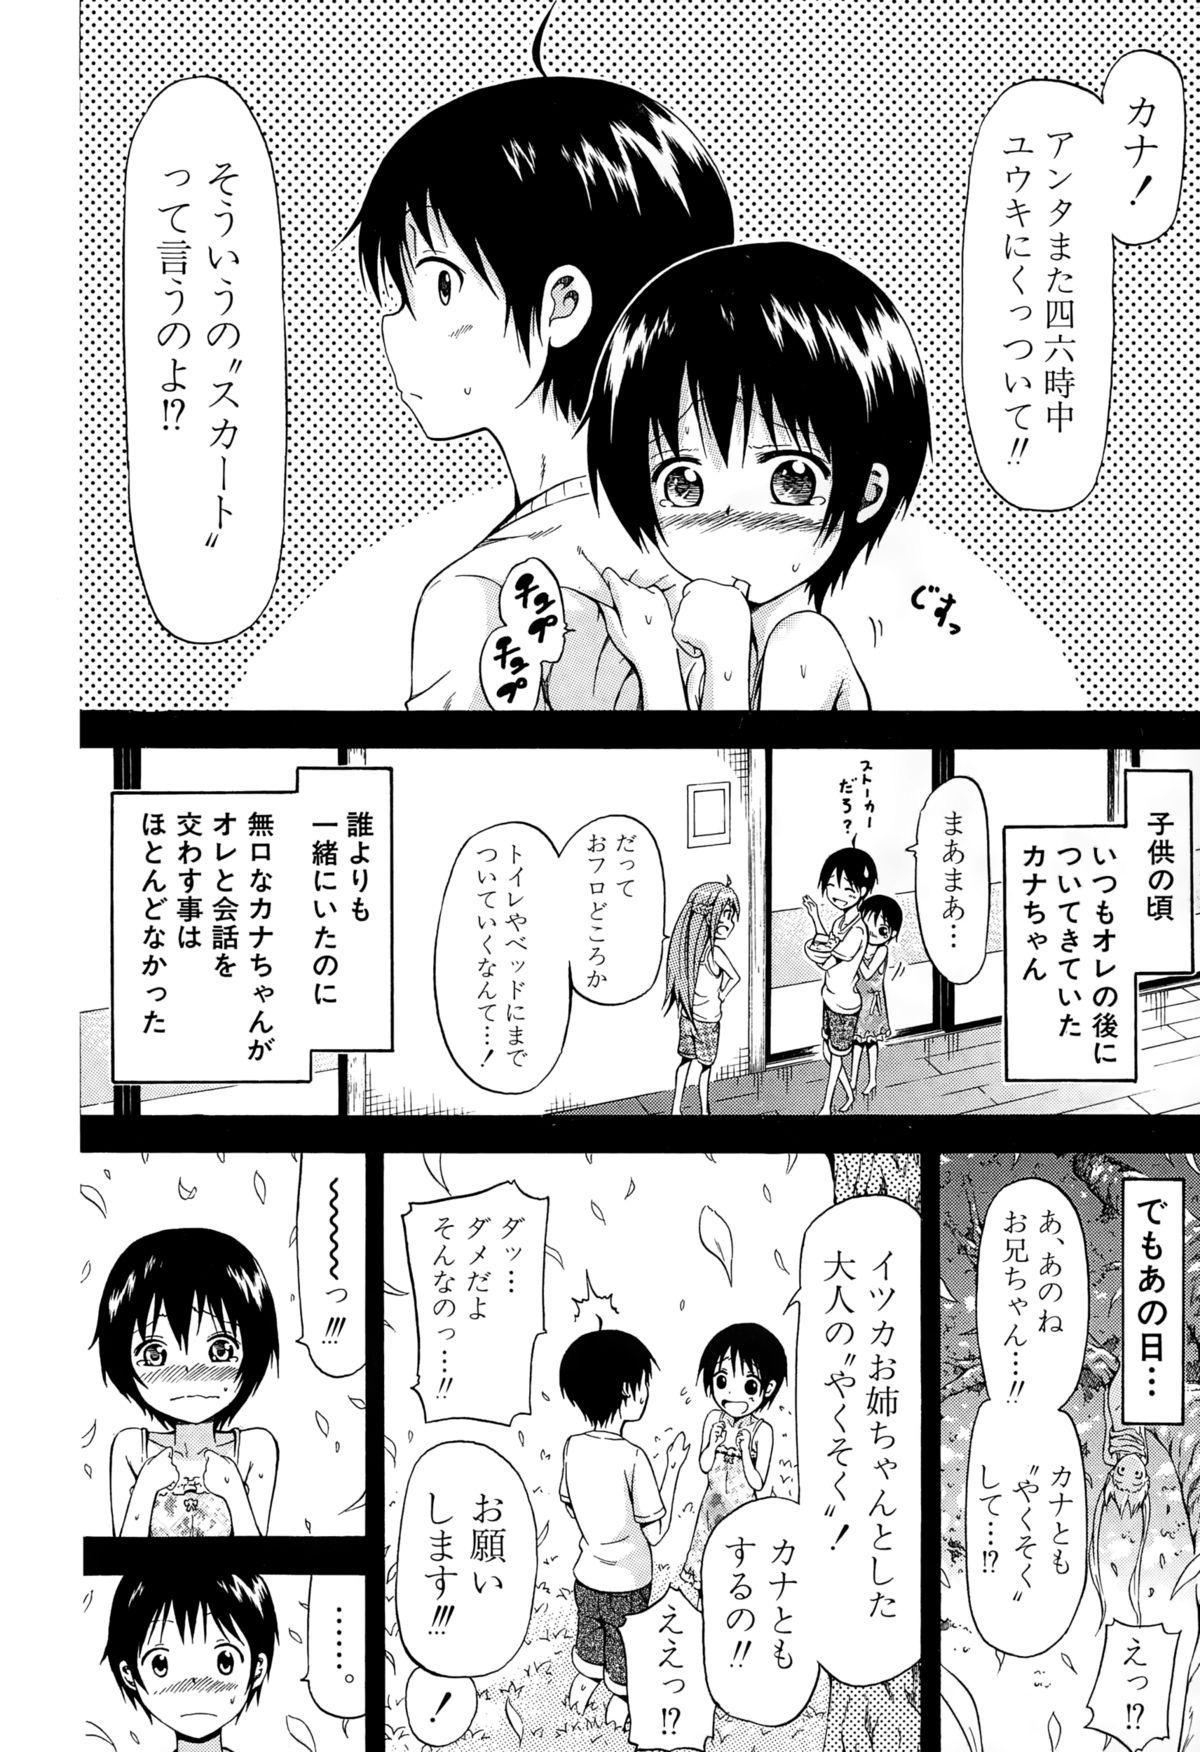 Natsumitsu x Harem! 115